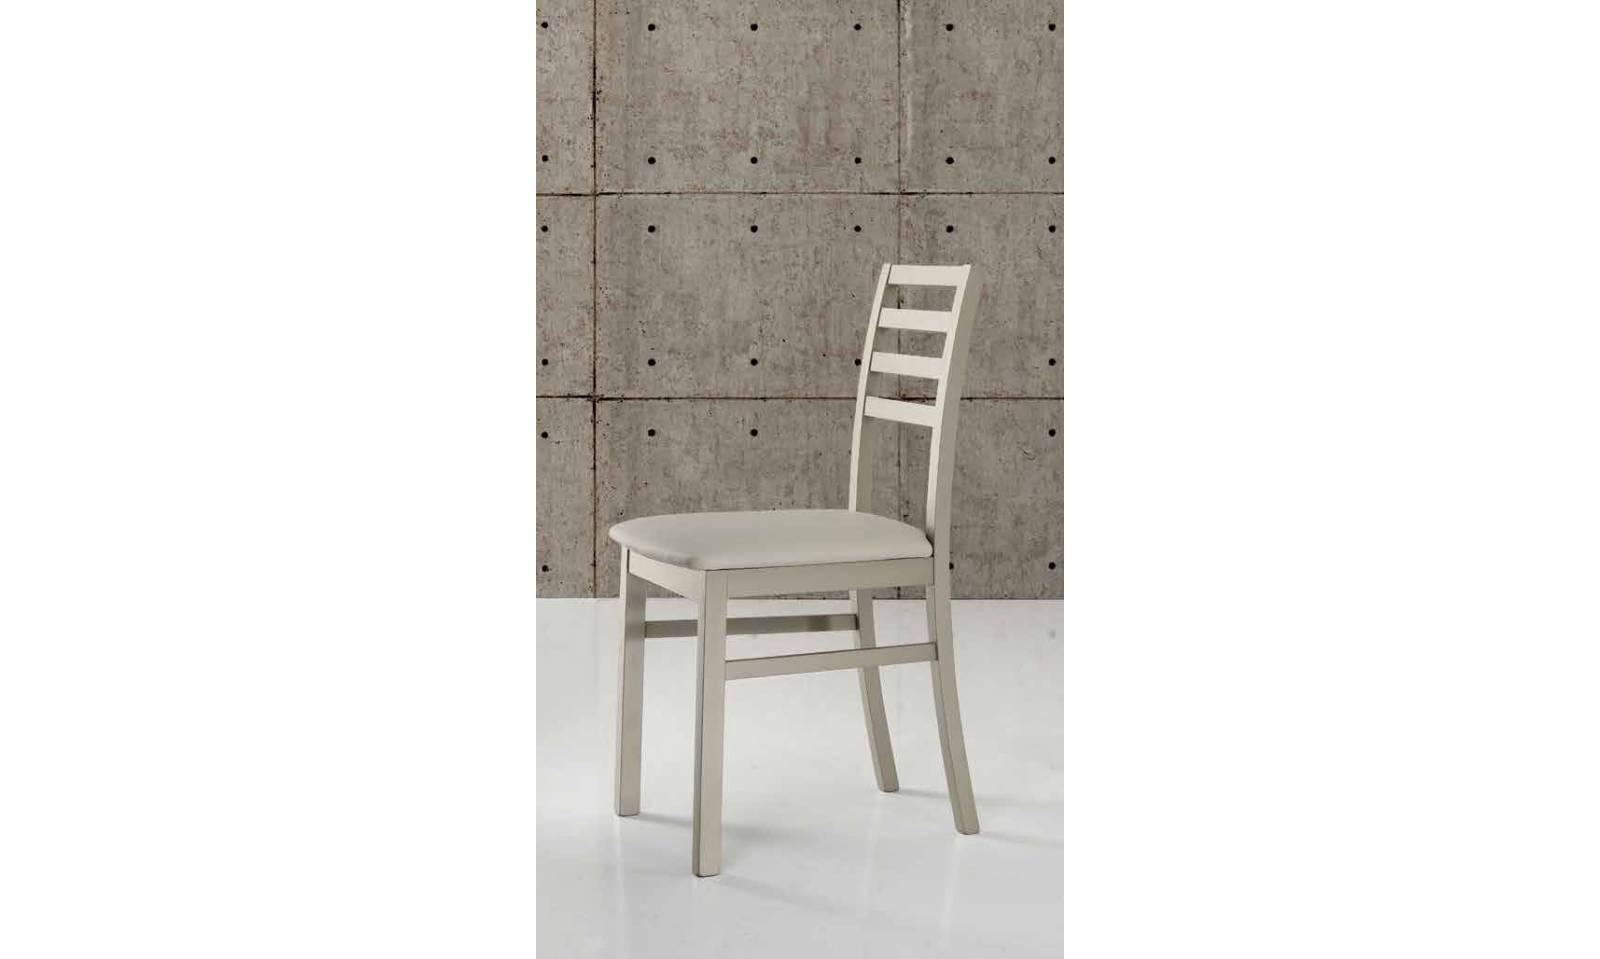 Sedia moderna tropea con seduta in ecopelle beige altezza 88cm - Ciciriello mobili da bagno ...